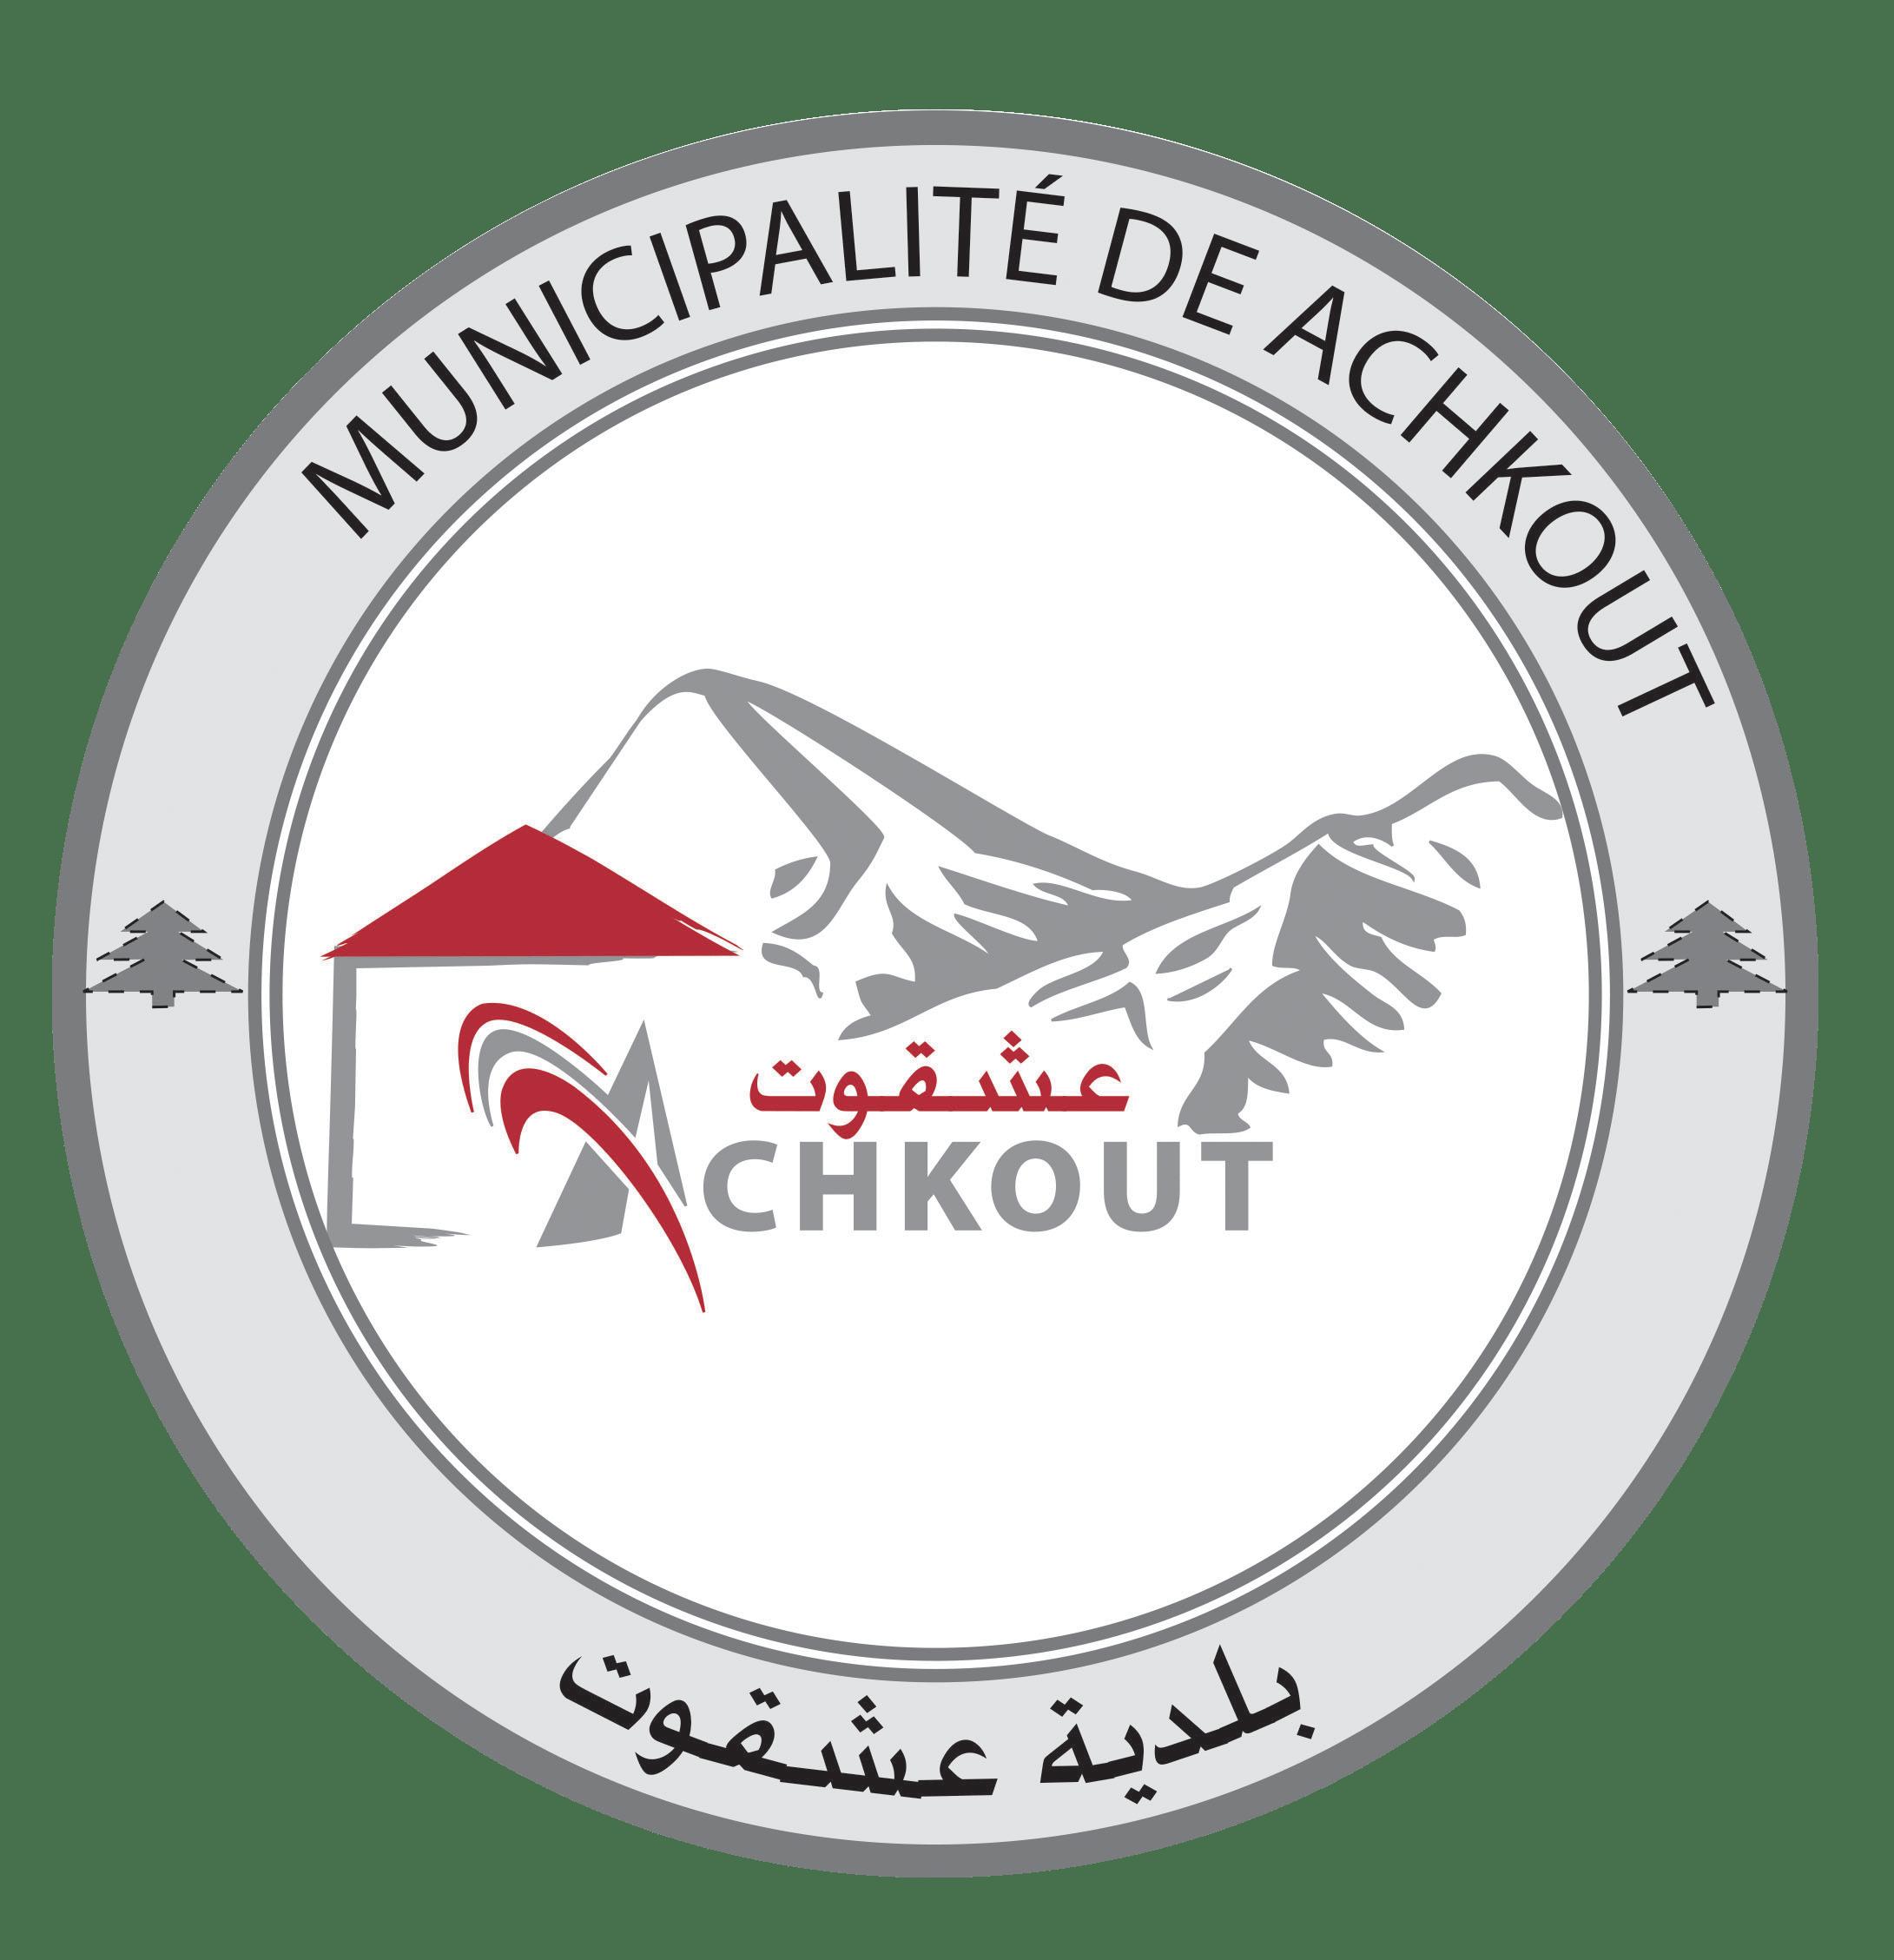 Ashkout Logo